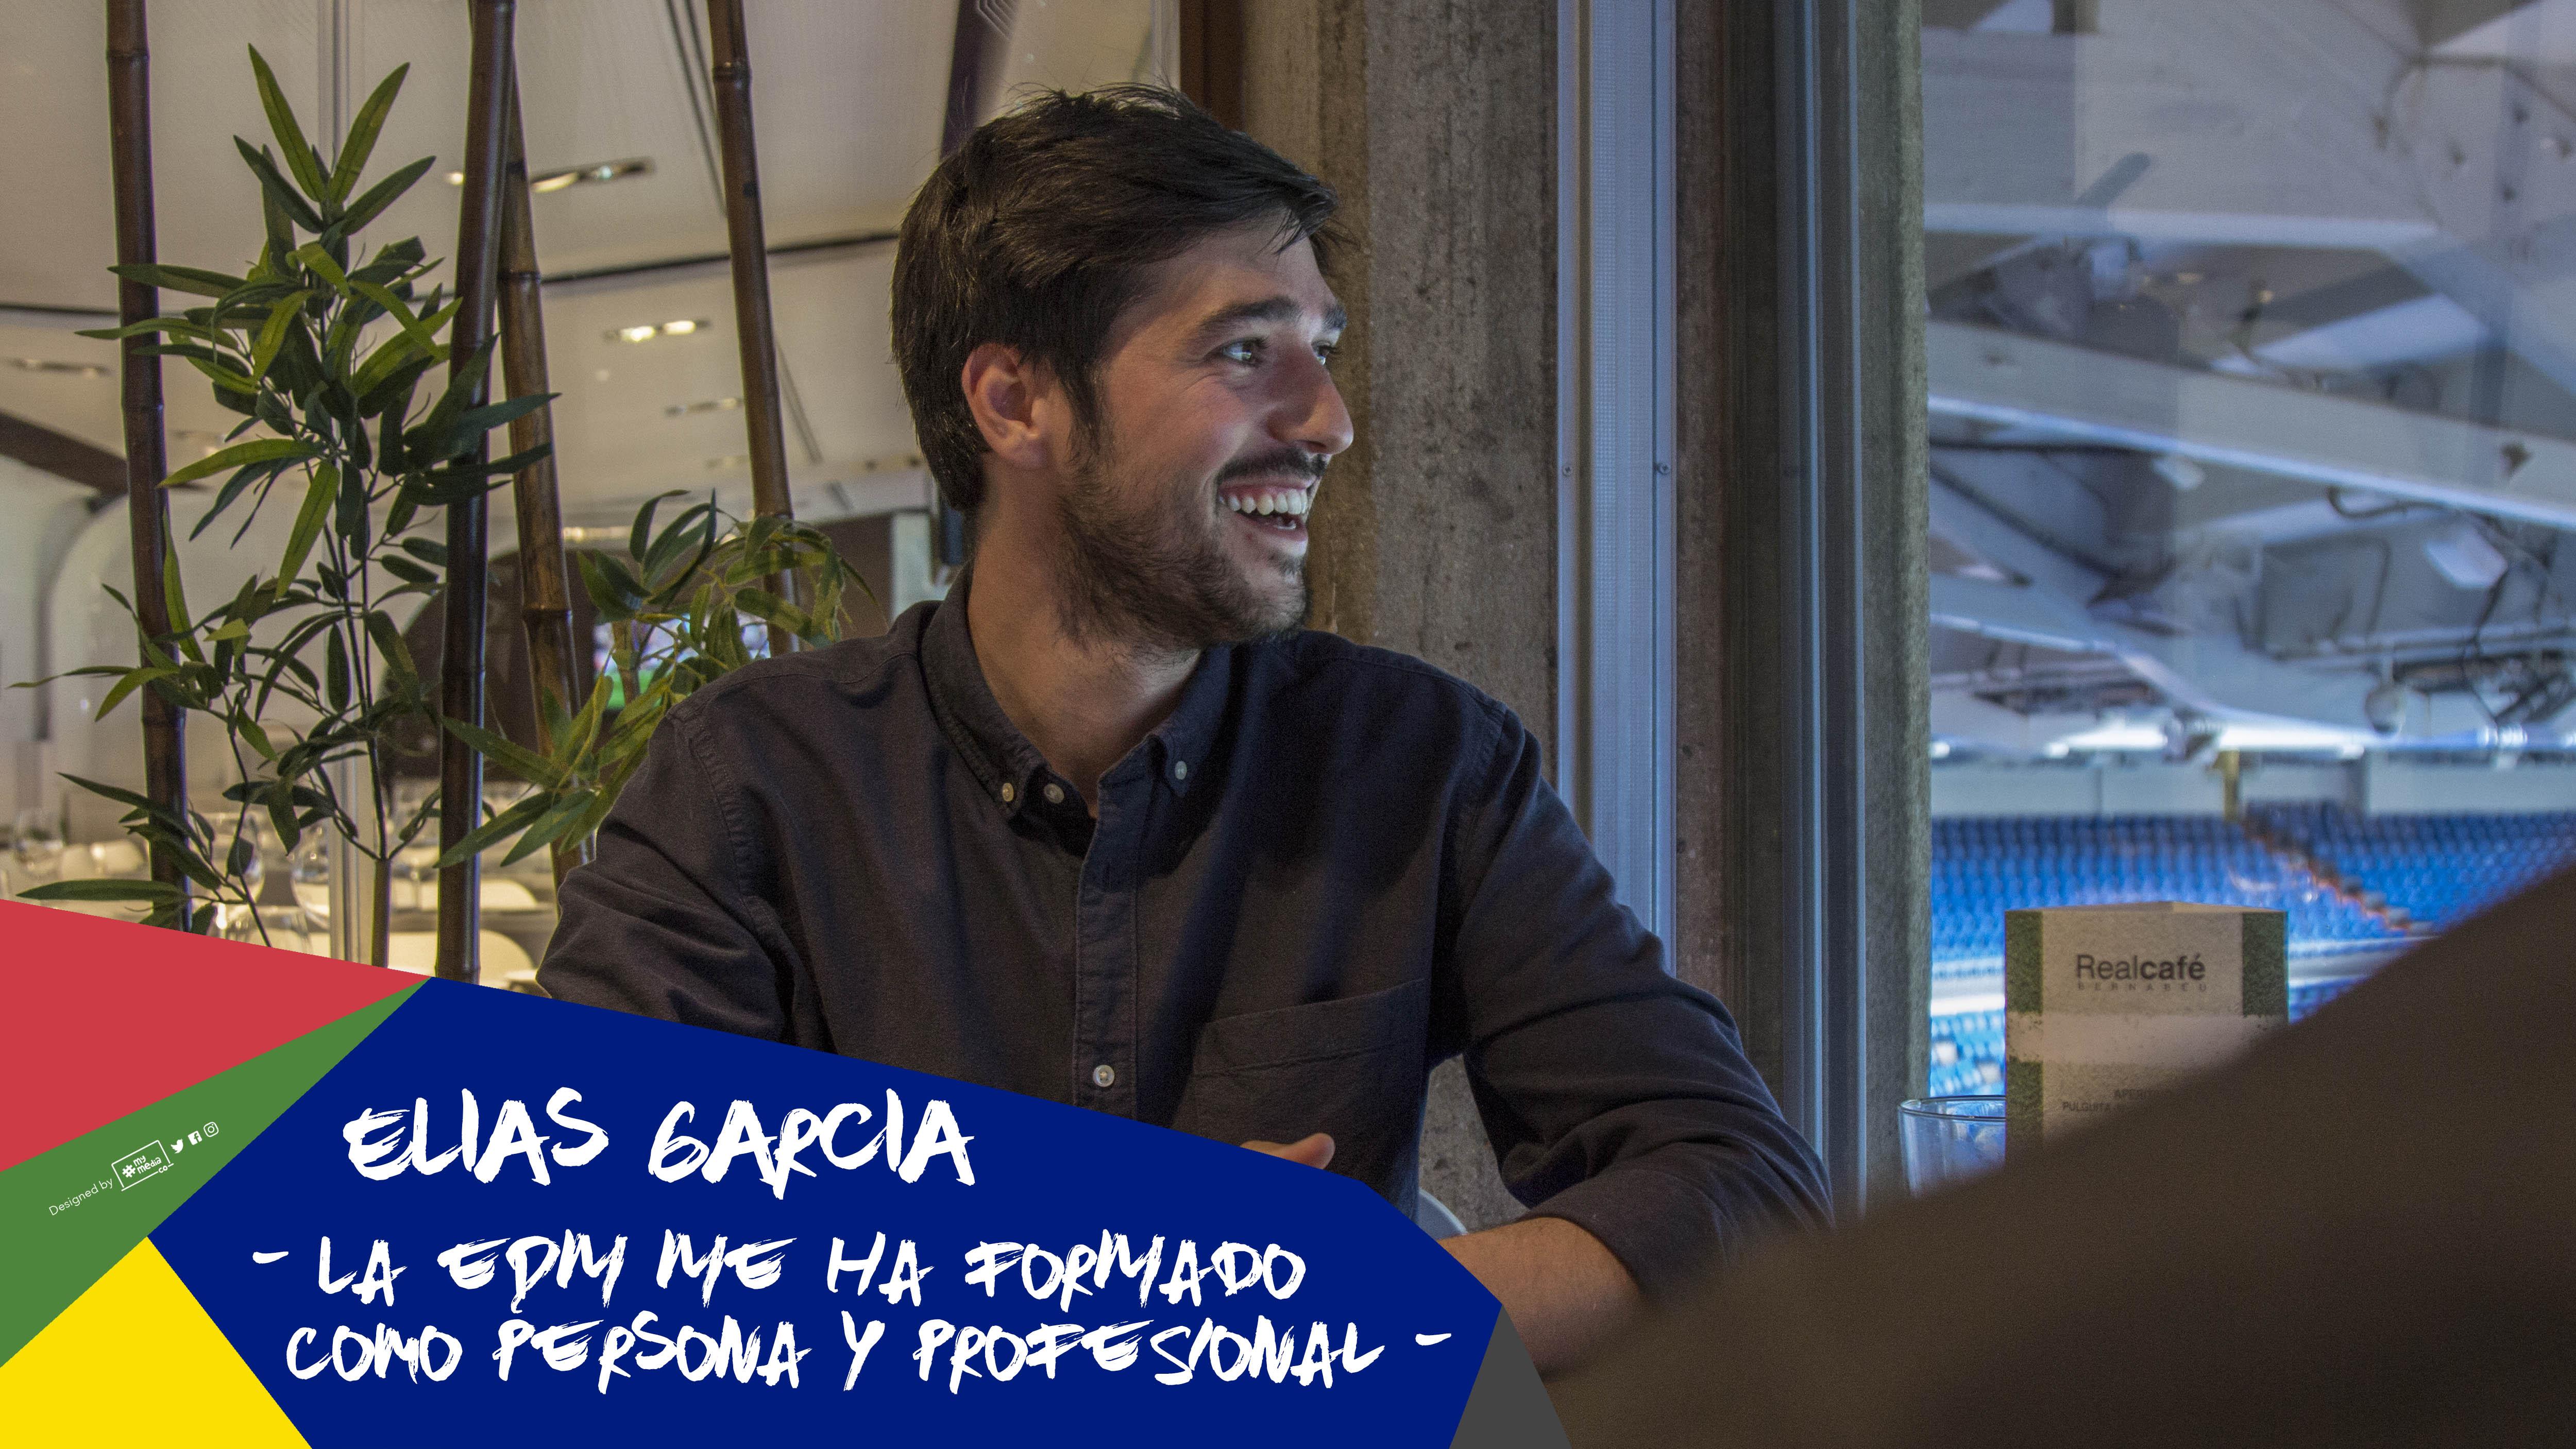 """Elías García: """"La EDM me ha formado como persona y profesional"""""""